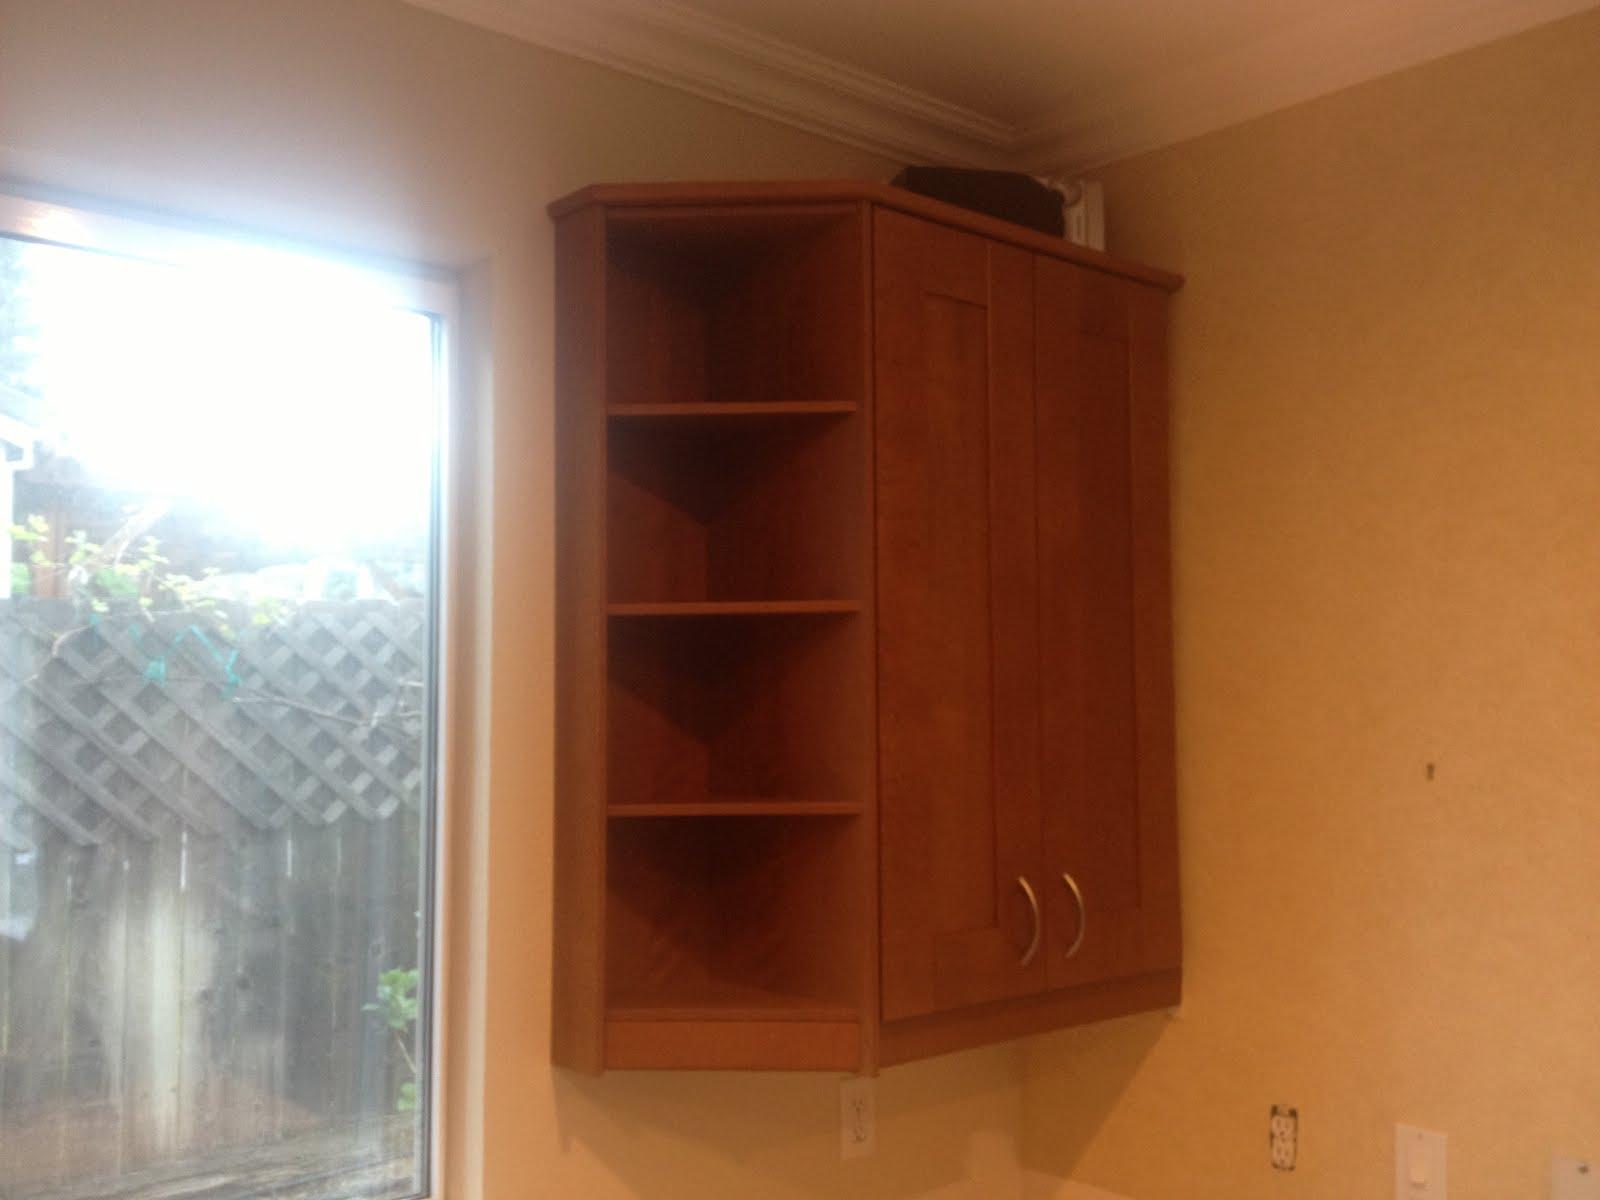 Kitchen CabiEnd Shelves